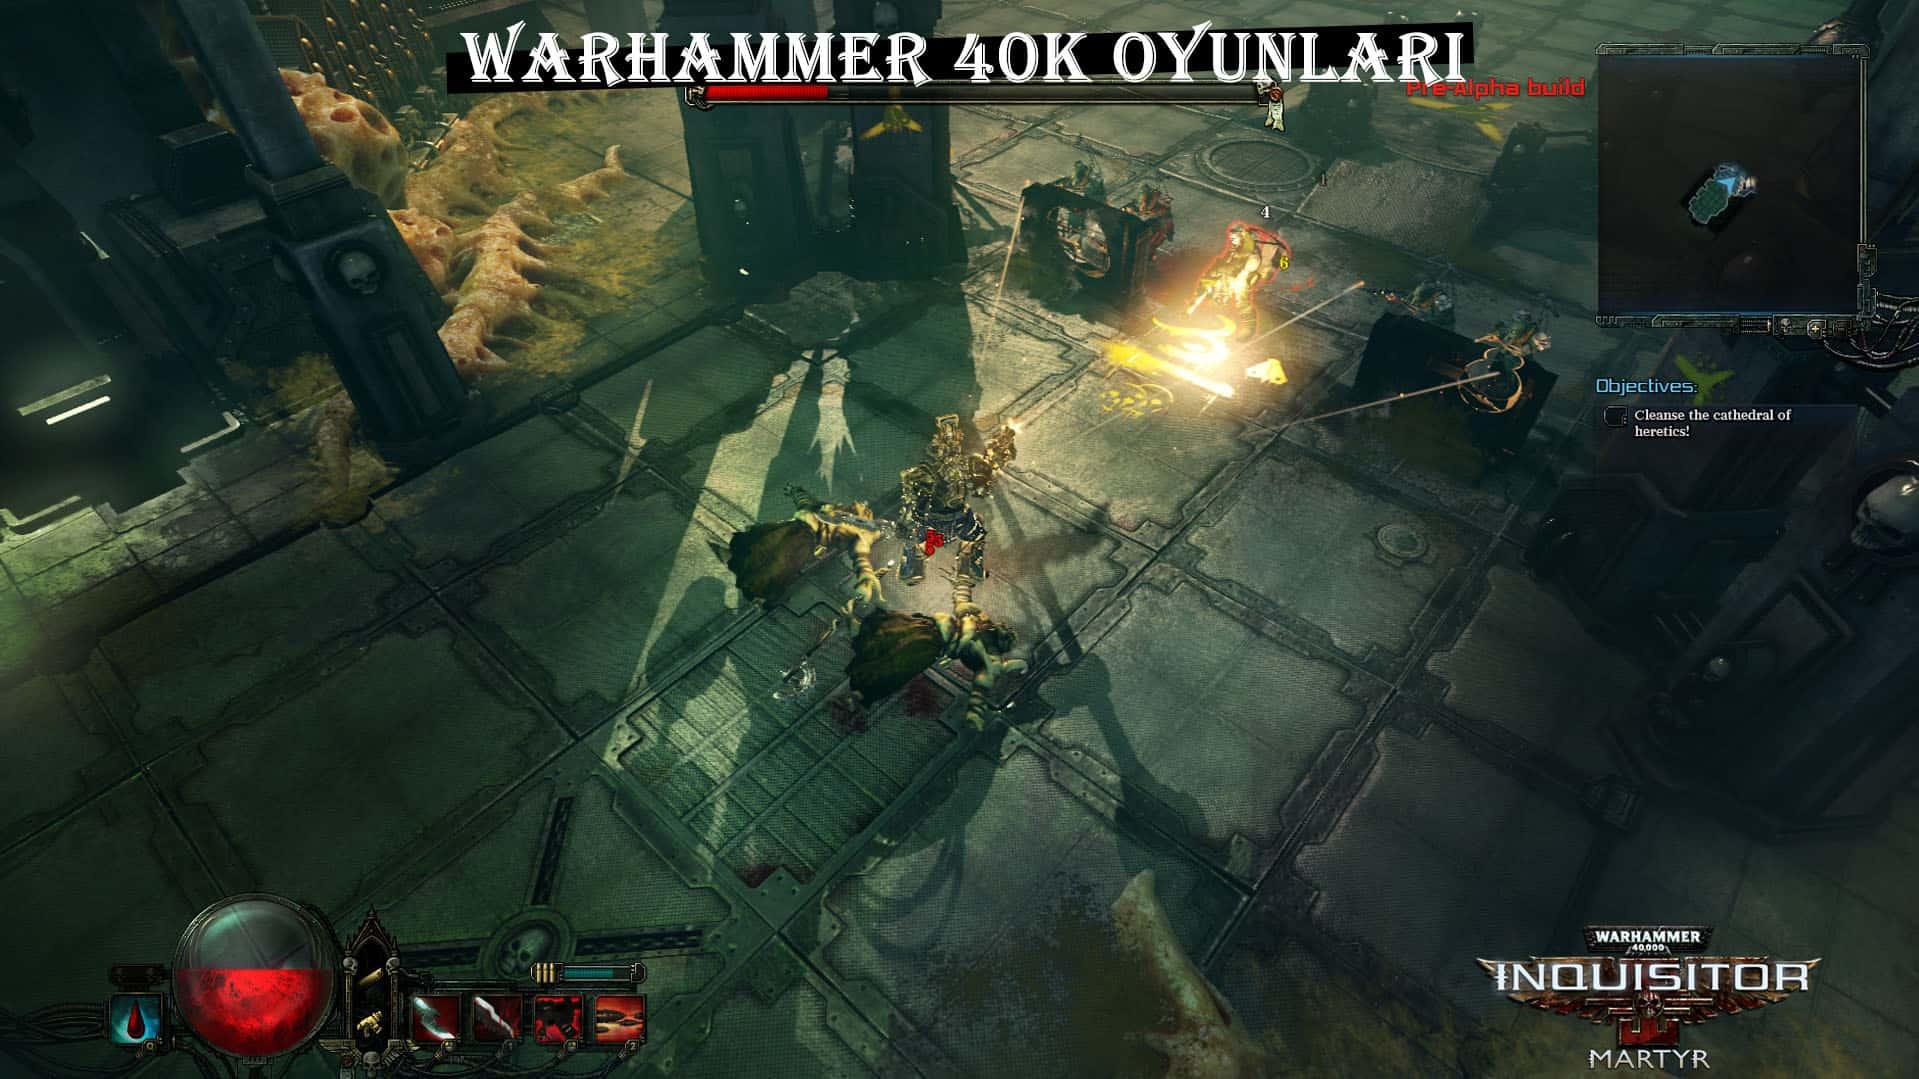 warhammer 40,000 oyunları